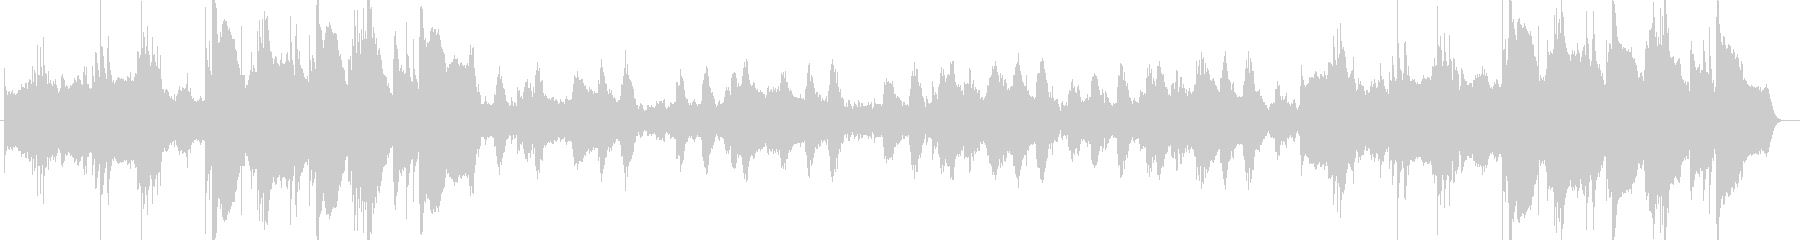 神秘的なヒーリングのピアノサウンド楽曲の未再生の波形